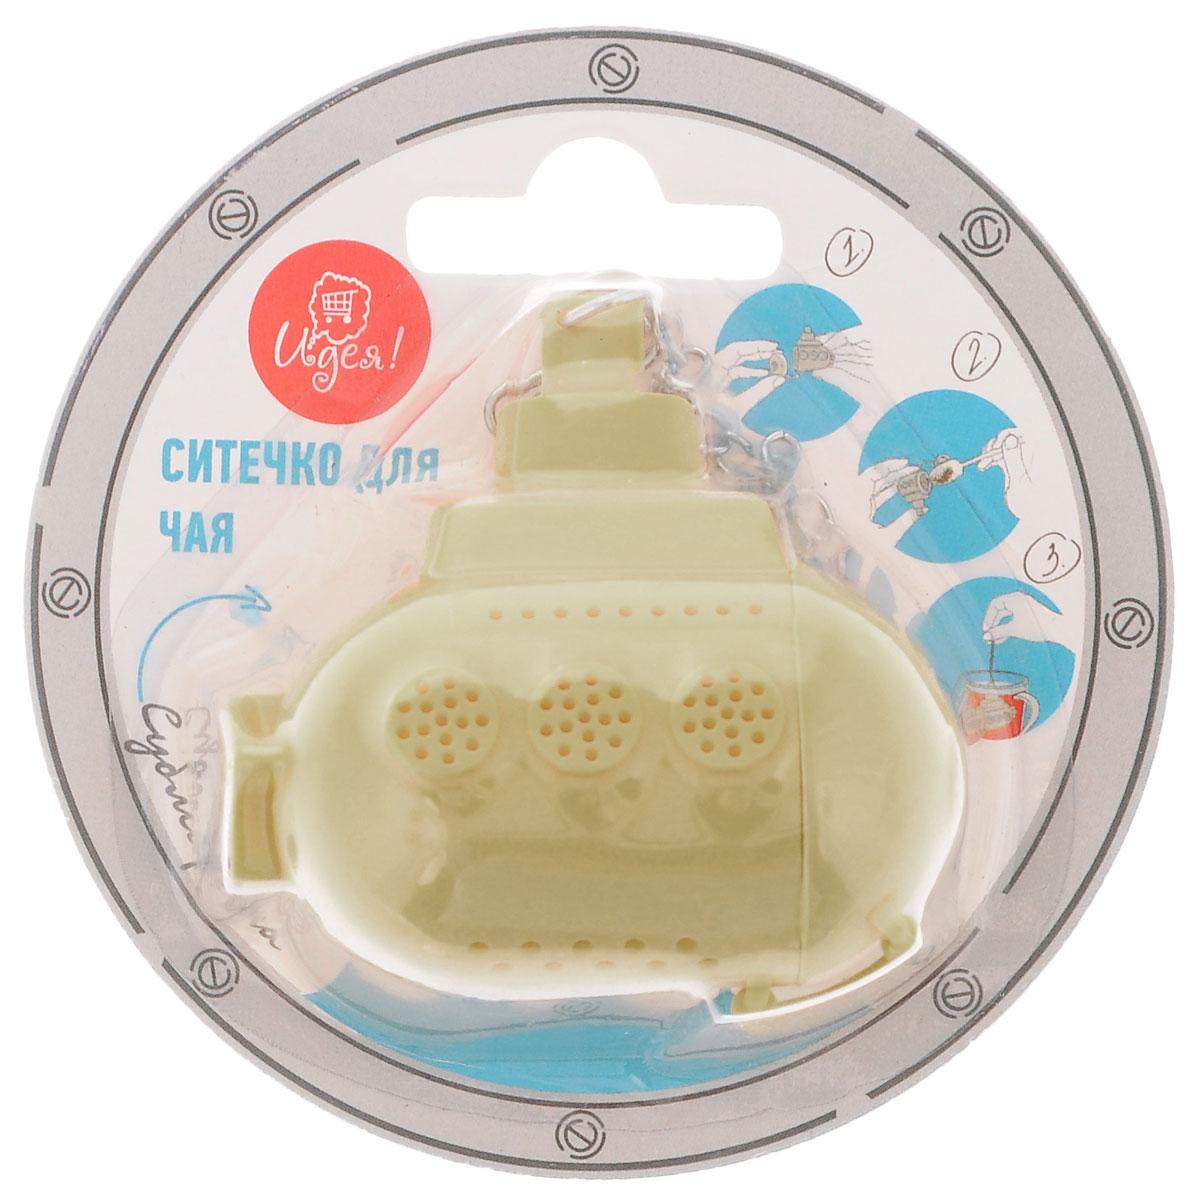 Ситечко для чая Идея Субмарина, цвет: светло-бежевыйSBM-01_светло-бежевыйСитечко Идея Субмарина прекрасно подходит для заваривания любого вида чая. Изделие выполнено из пищевого силикона в виде подводной лодки. Ситечком очень легко пользоваться. Просто насыпьте заварку внутрь и погрузите субмарину на дно кружки. Изделие снабжено металлической цепочкой с крючком на конце. Забавная и приятная вещица для вашего домашнего чаепития. Не рекомендуется мыть в посудомоечной машине. Размер фигурки: 6 х 5,5 х 3 см.